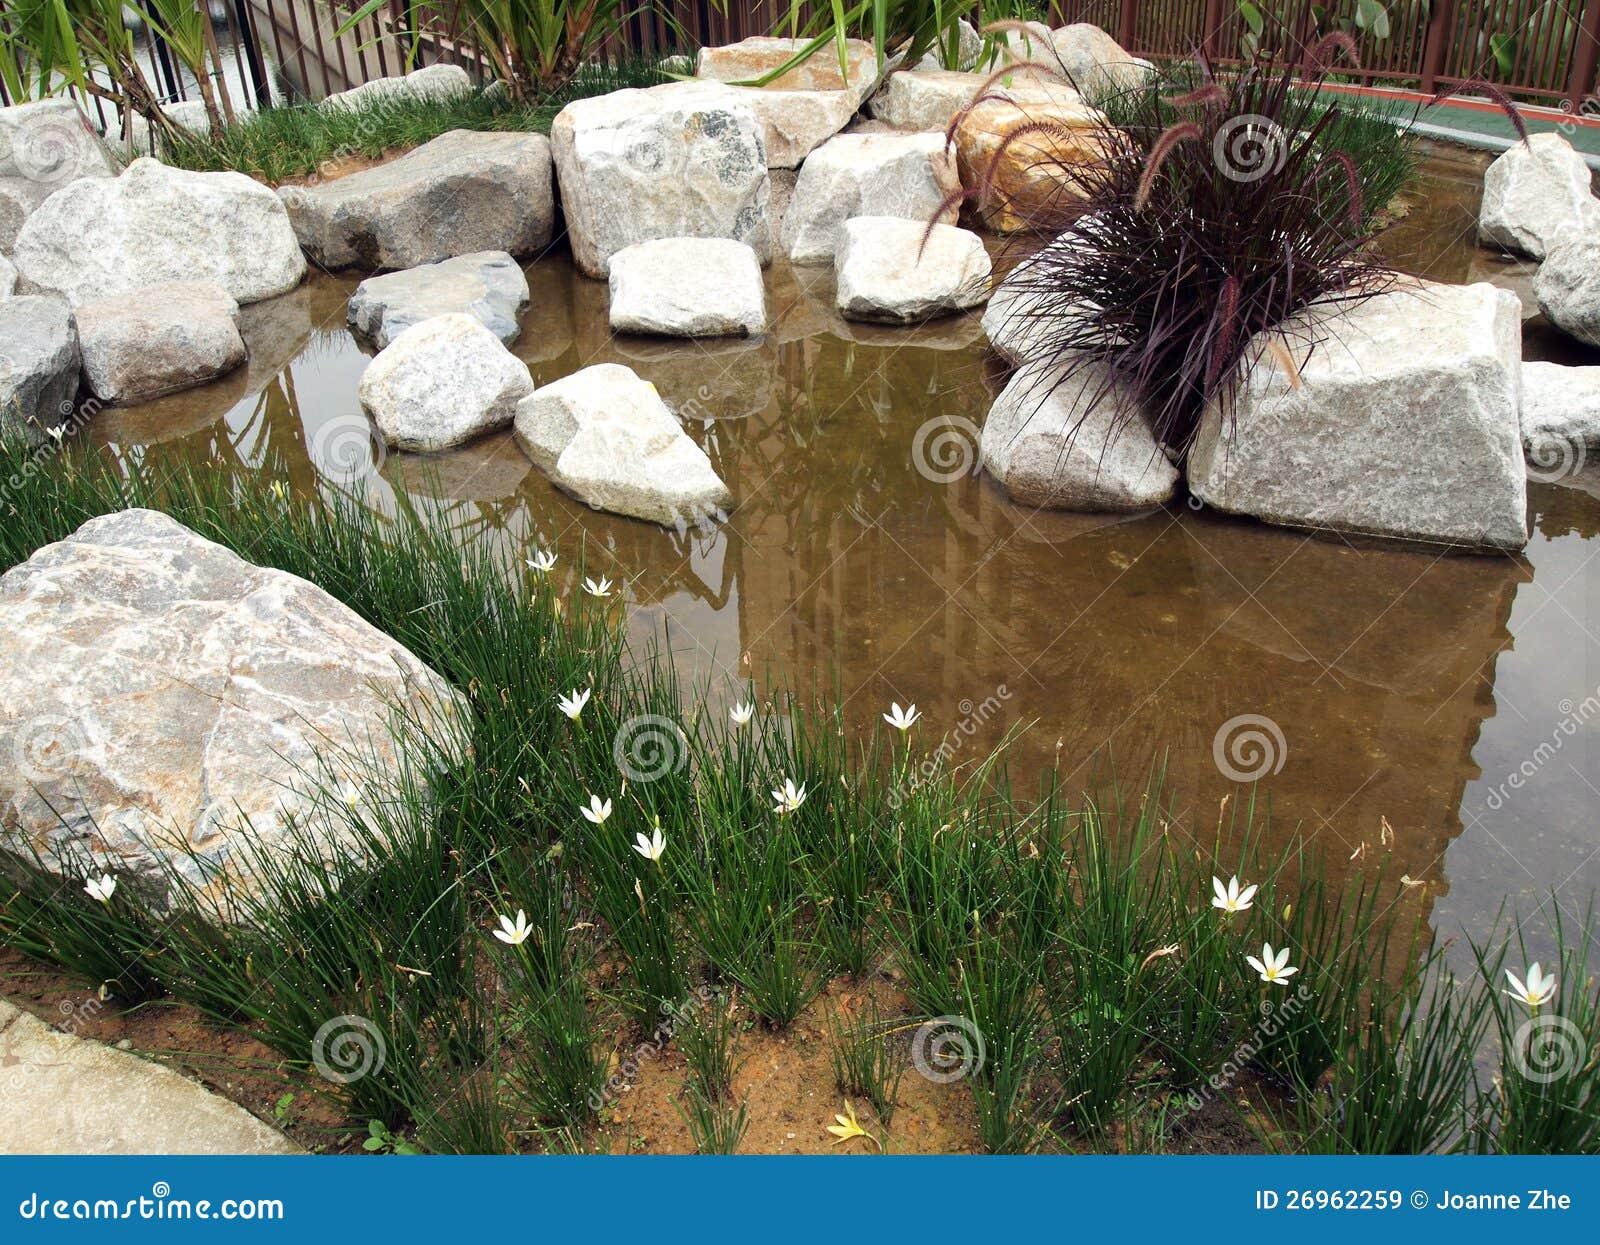 am nagement neuf plant de jardin de rocaille de l 39 eau. Black Bedroom Furniture Sets. Home Design Ideas